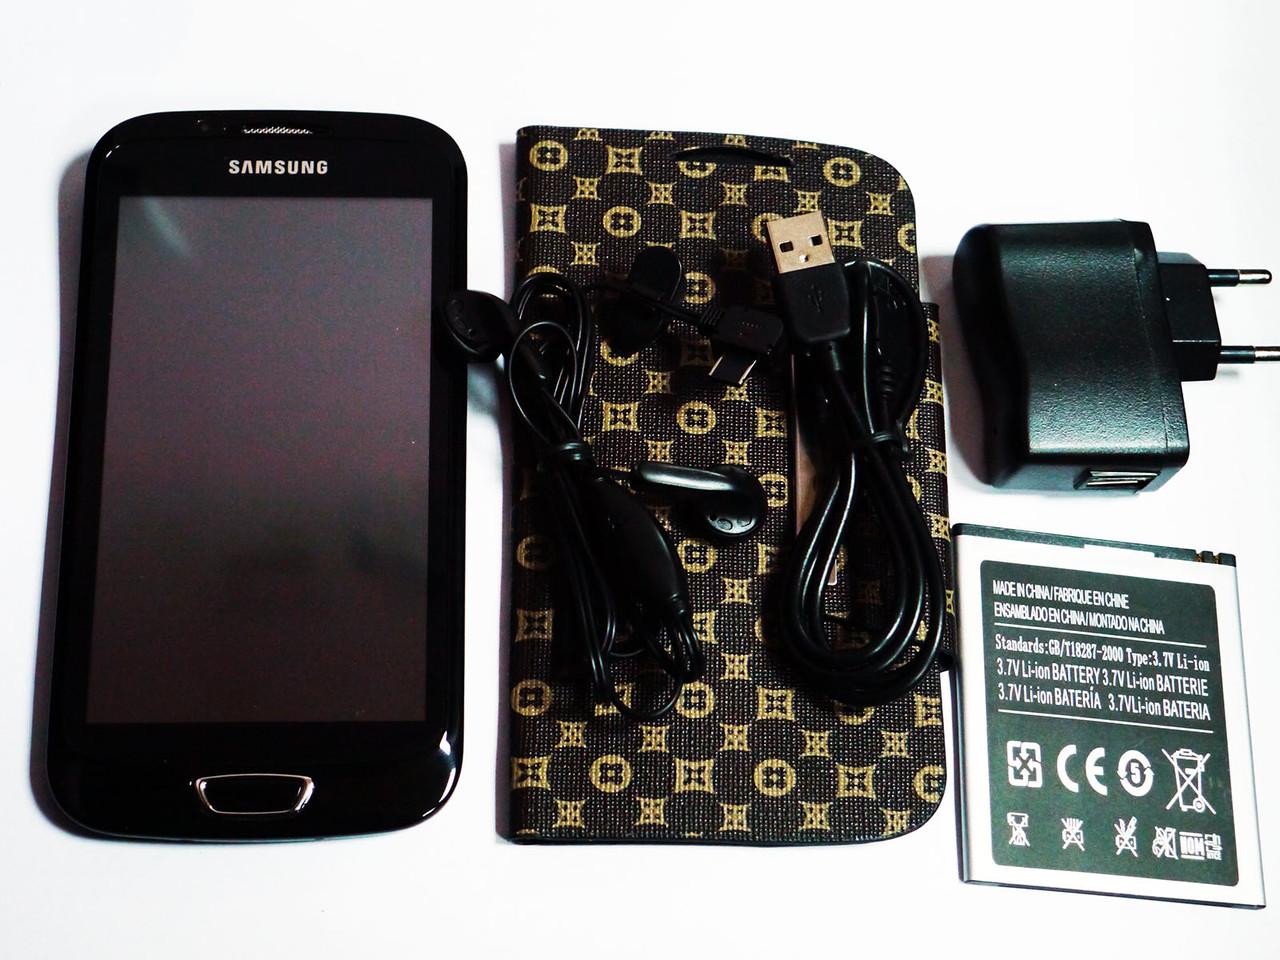 инструкция и драйверы для китайского телефона модель samsung 9880 tv wifi